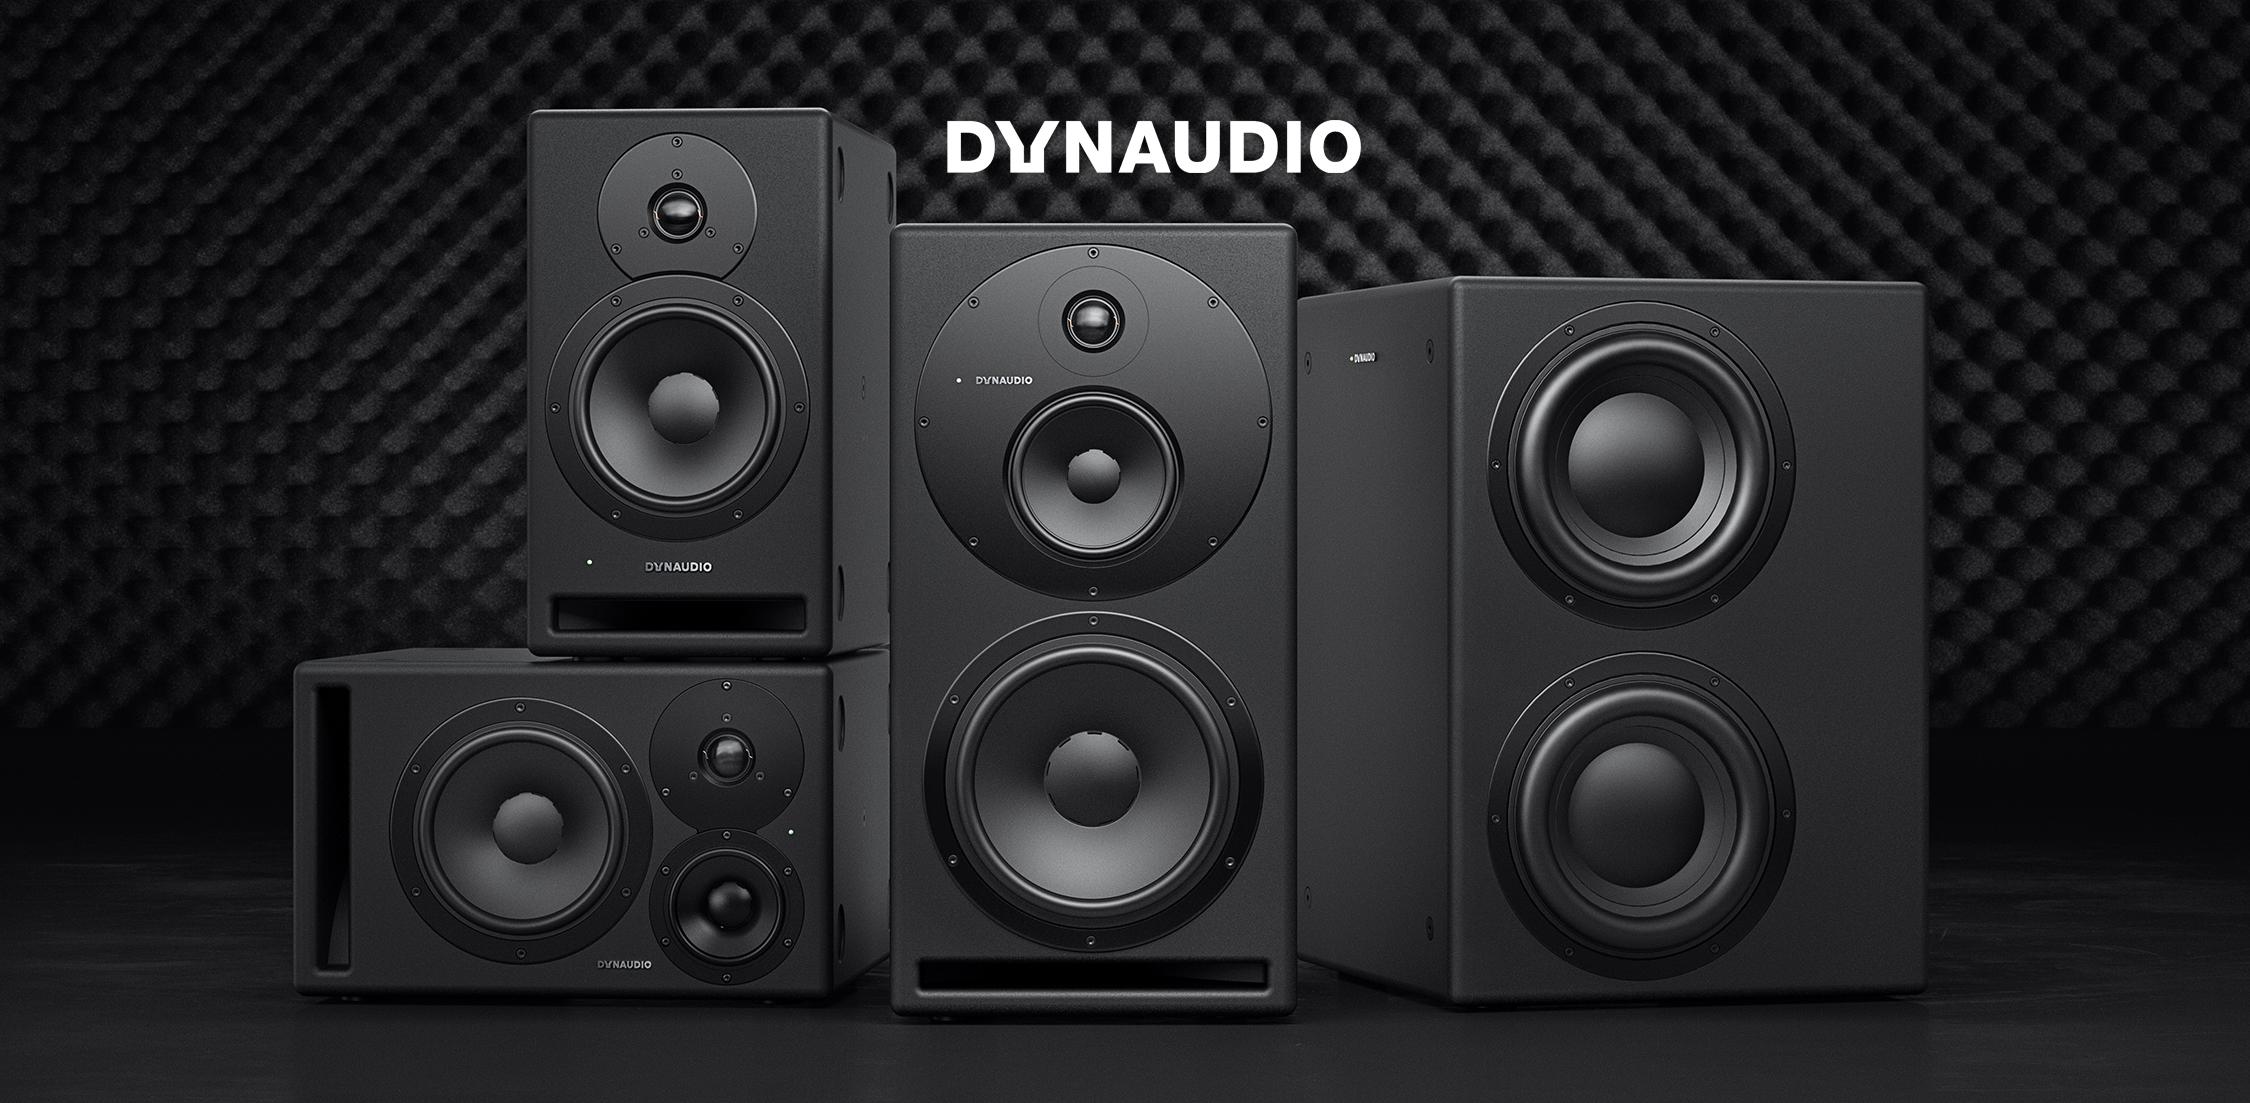 Dynaudio utökar Core-familjen med ytterligare 3-vägs monitor och subwoofer